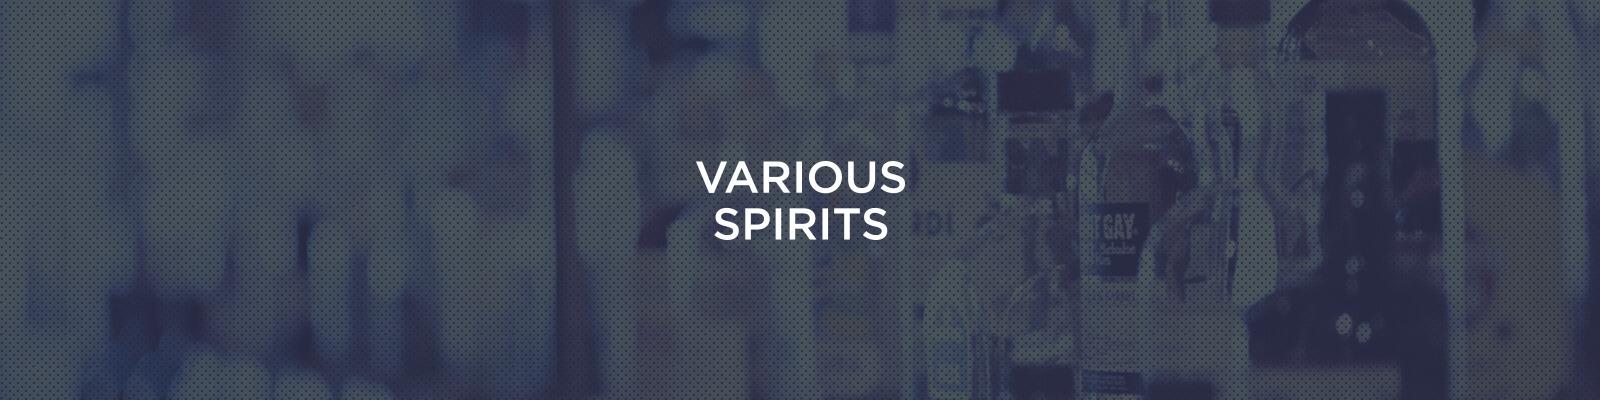 Various Spirits